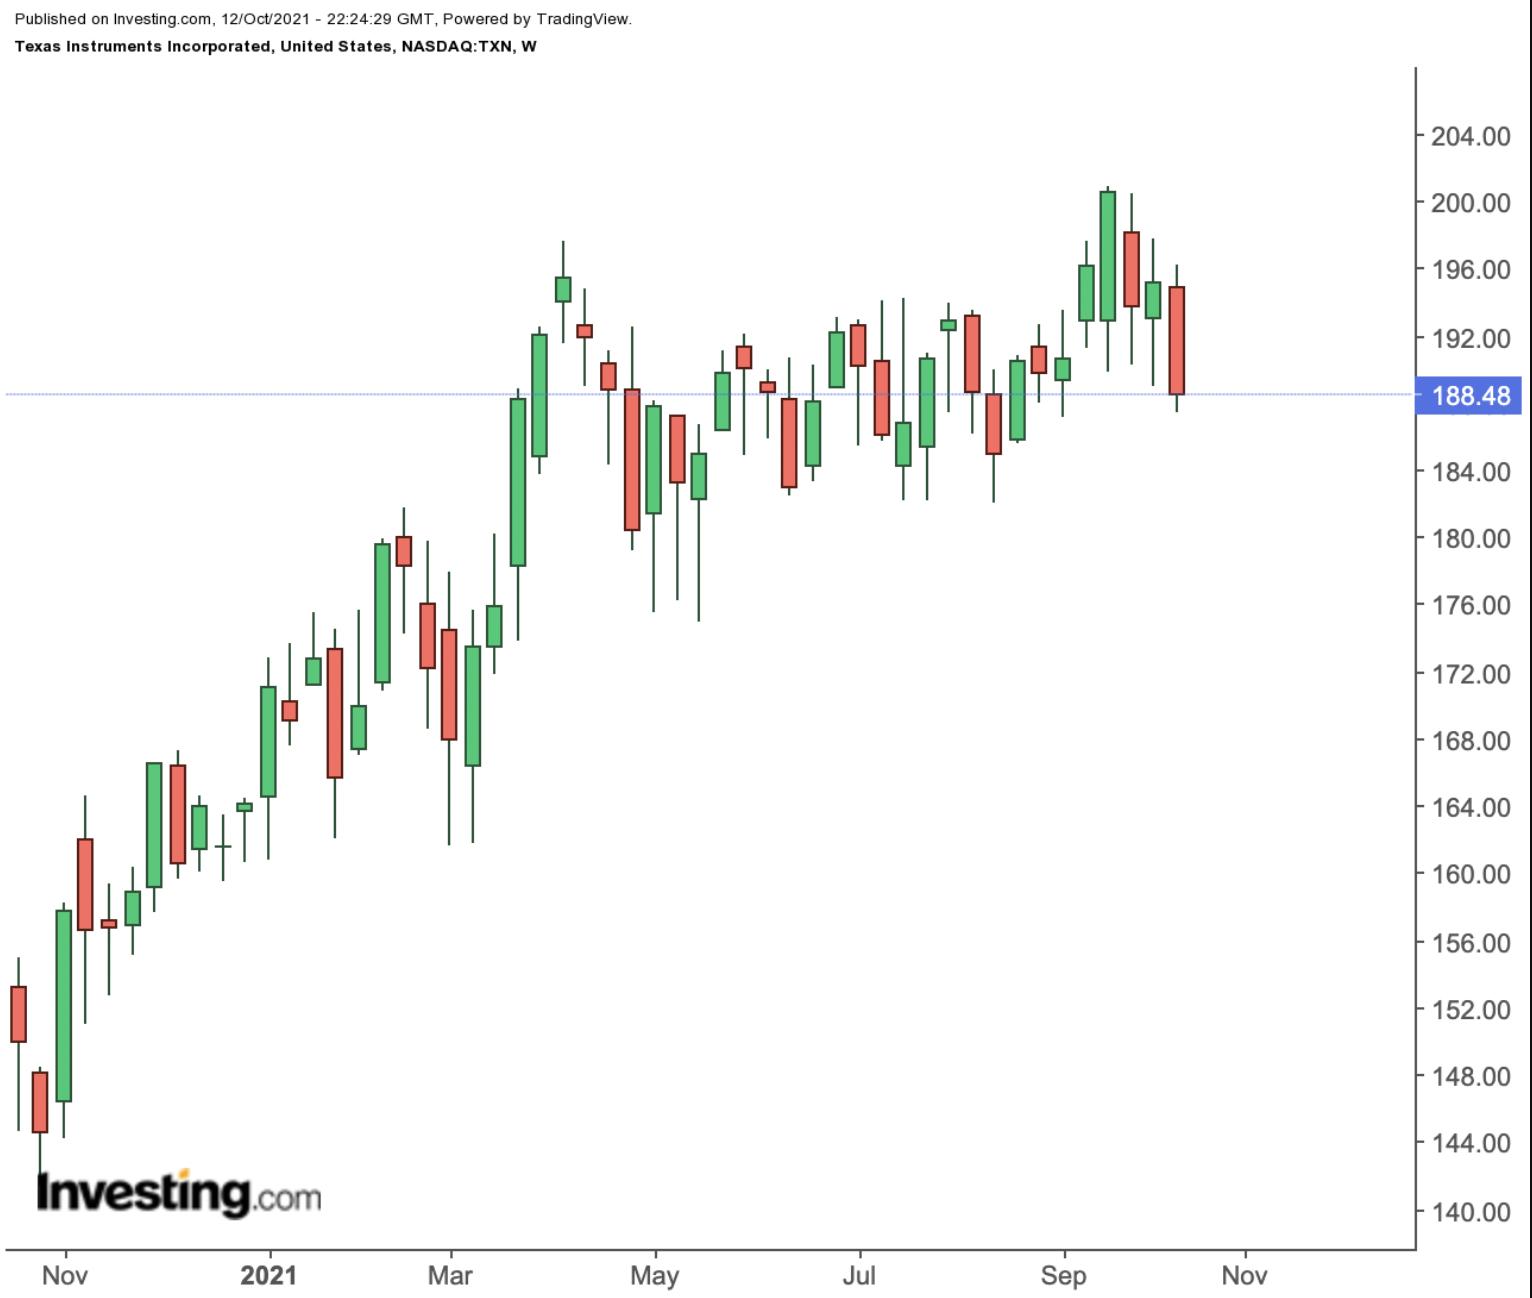 德州仪器周线图,来源:Investing.com